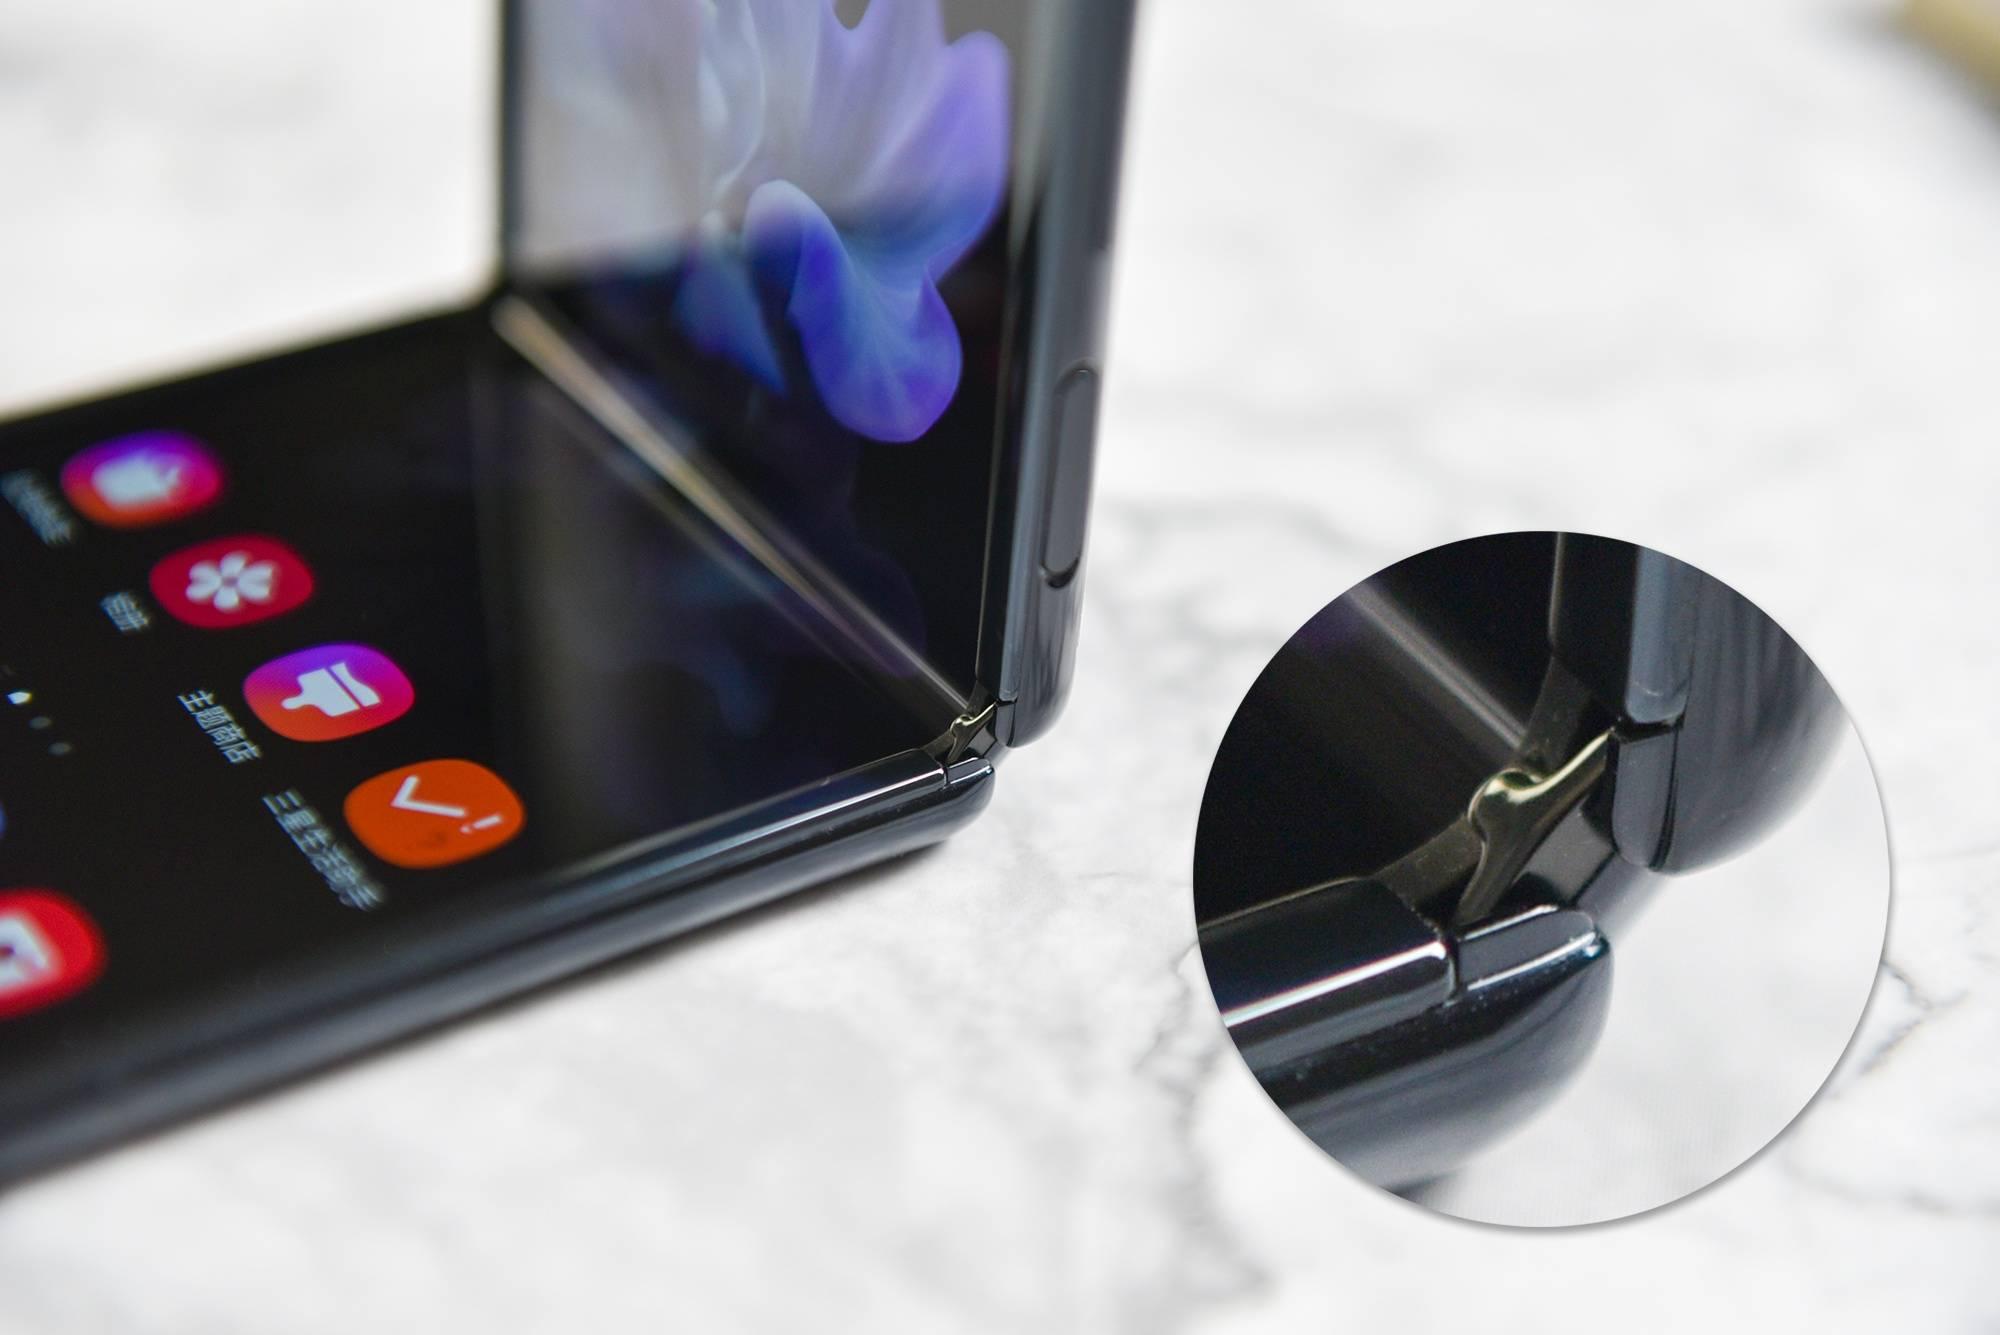 华为将出上下折叠屏手机, 爆料为:Mate V